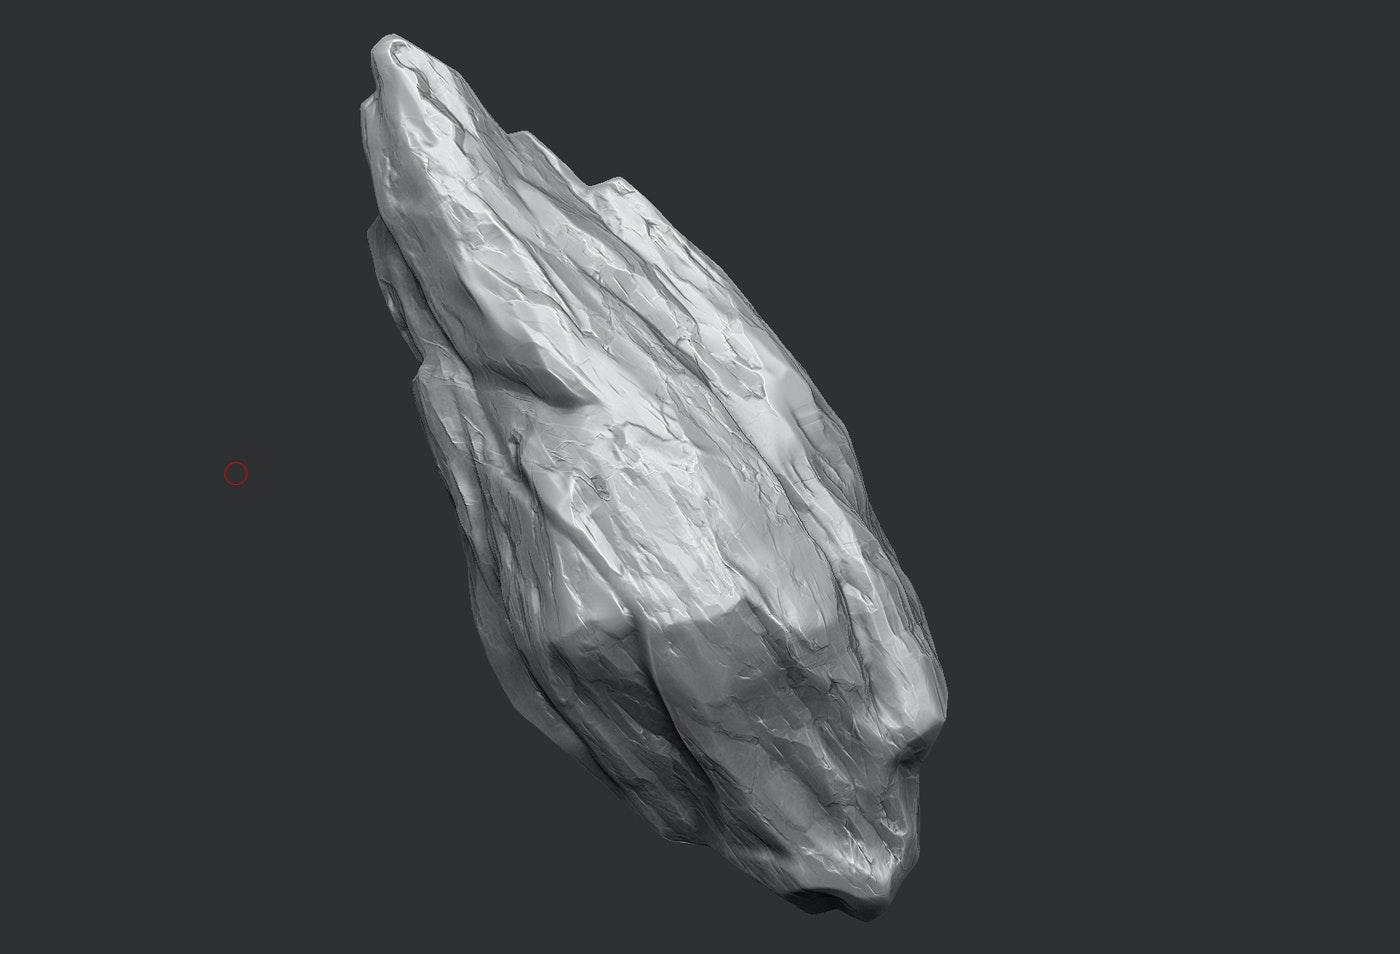 3D model of a rock